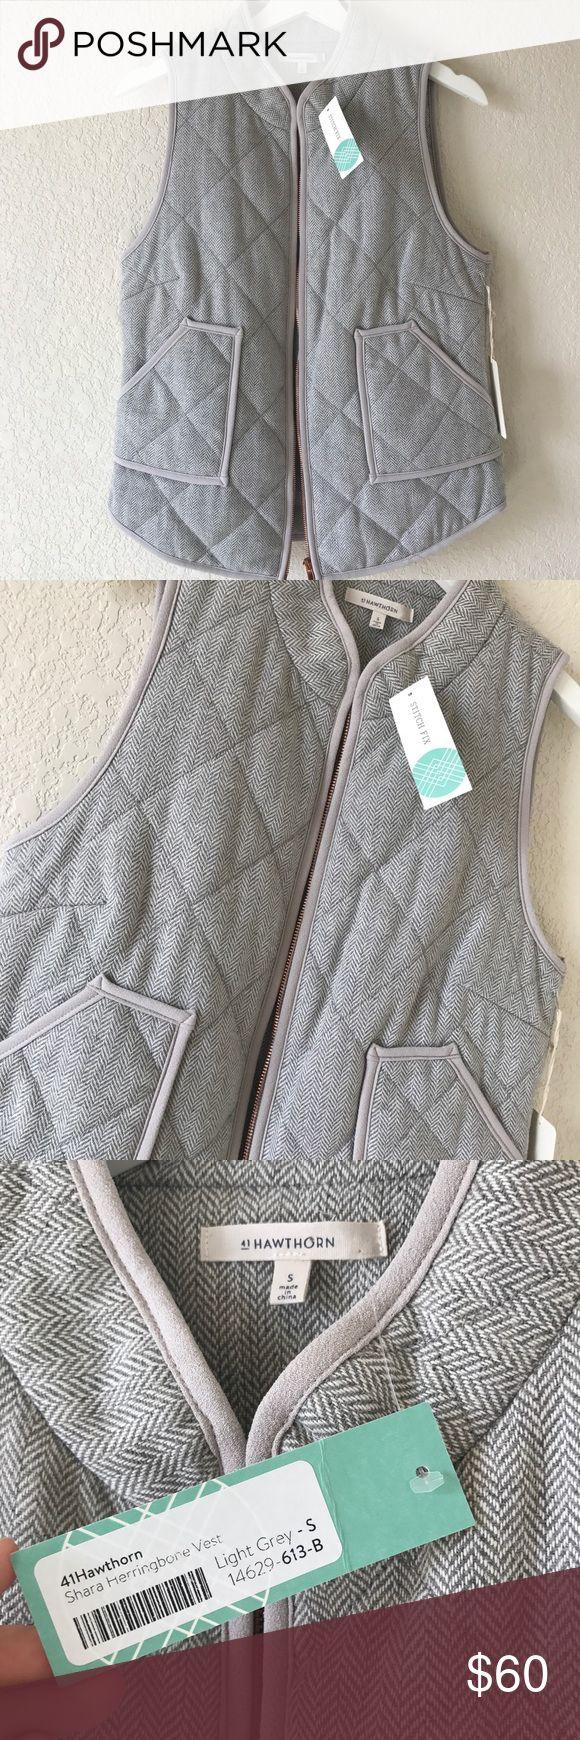 Stitch Fix 41Hawthorn Shara Herringbone Vest Brand new with tags. Stitch Fix Jackets & Coats Vests